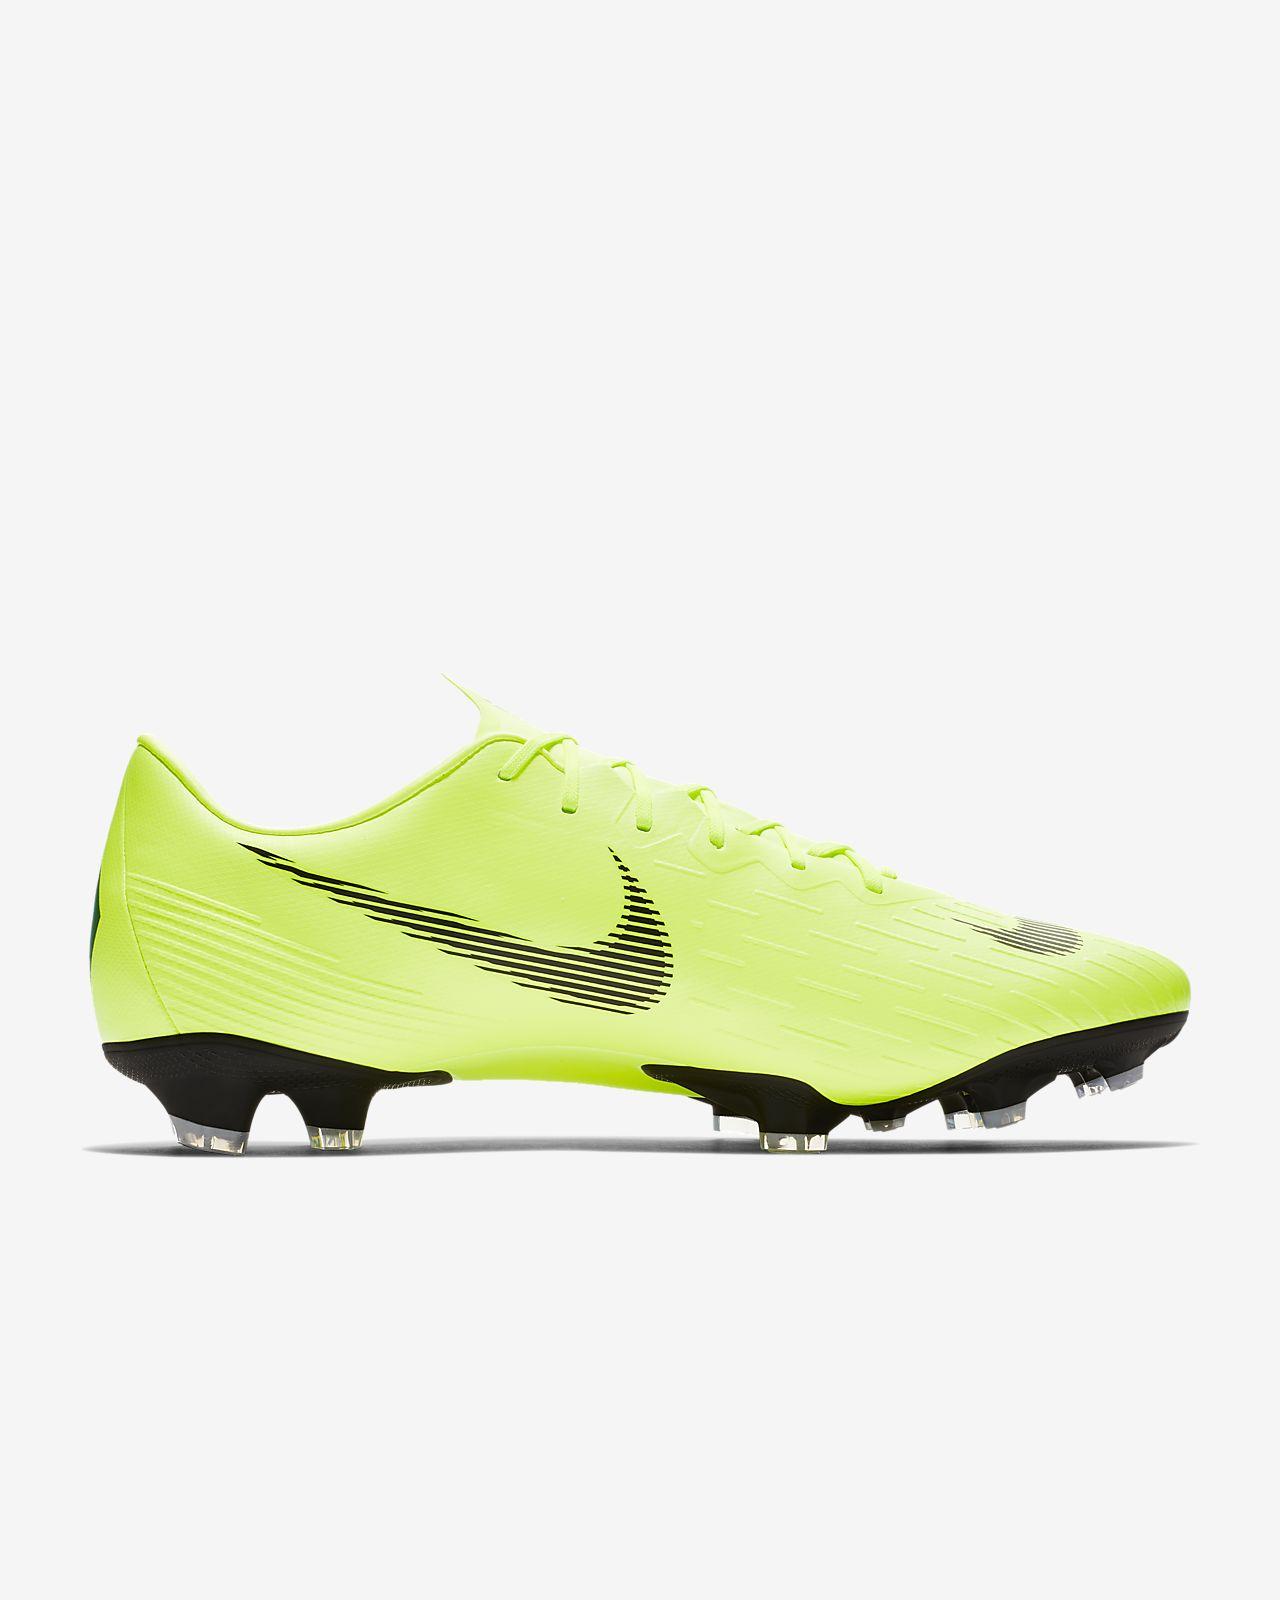 c0af1ad610bf0a Nike Vapor 12 Pro FG Firm-Ground Football Boot. Nike.com GB